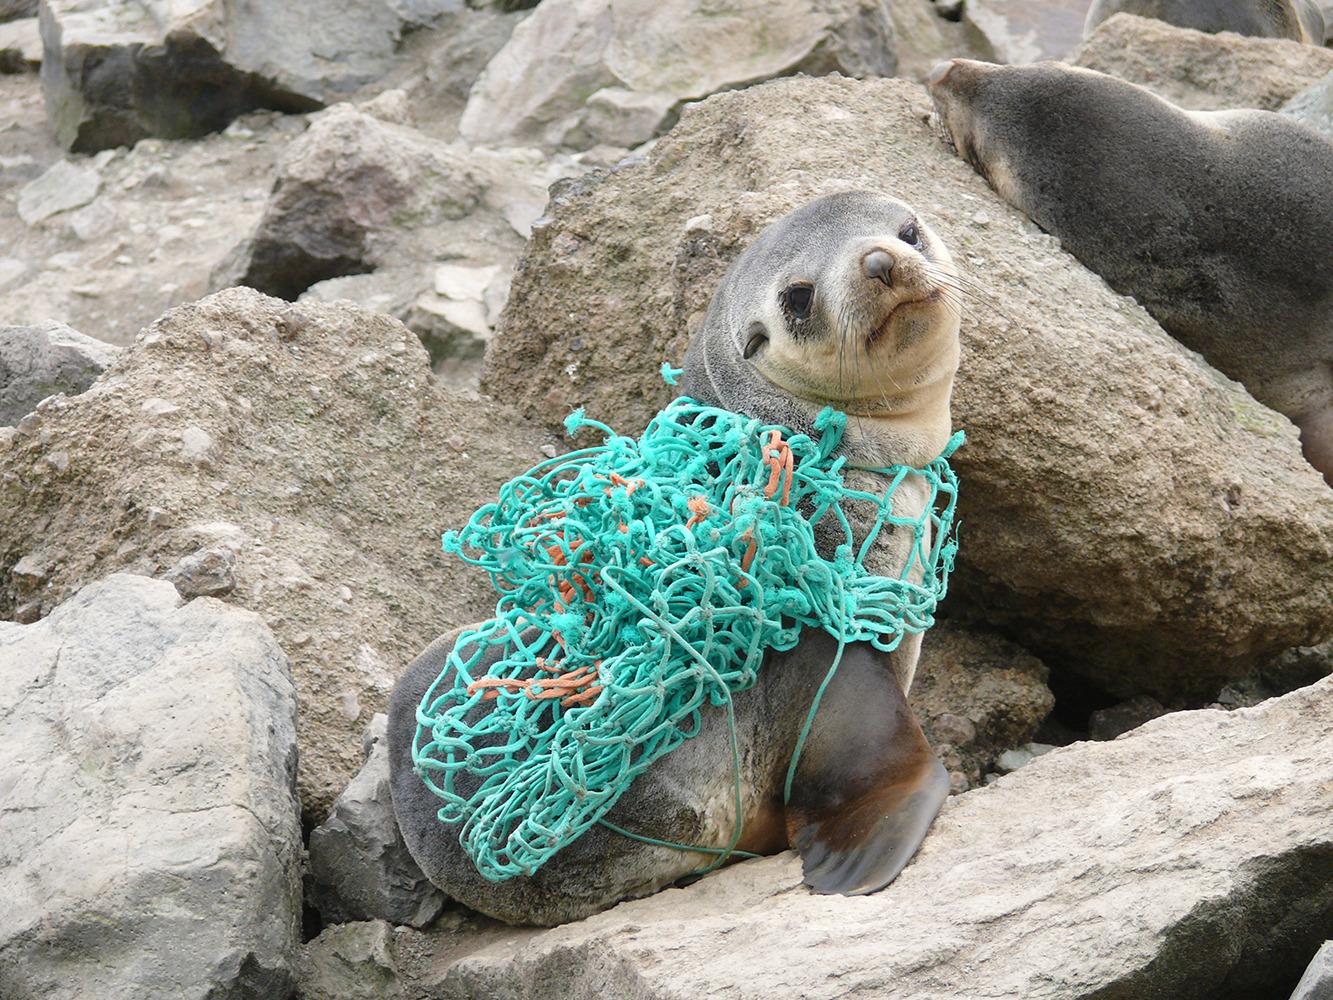 Oceanic plastic